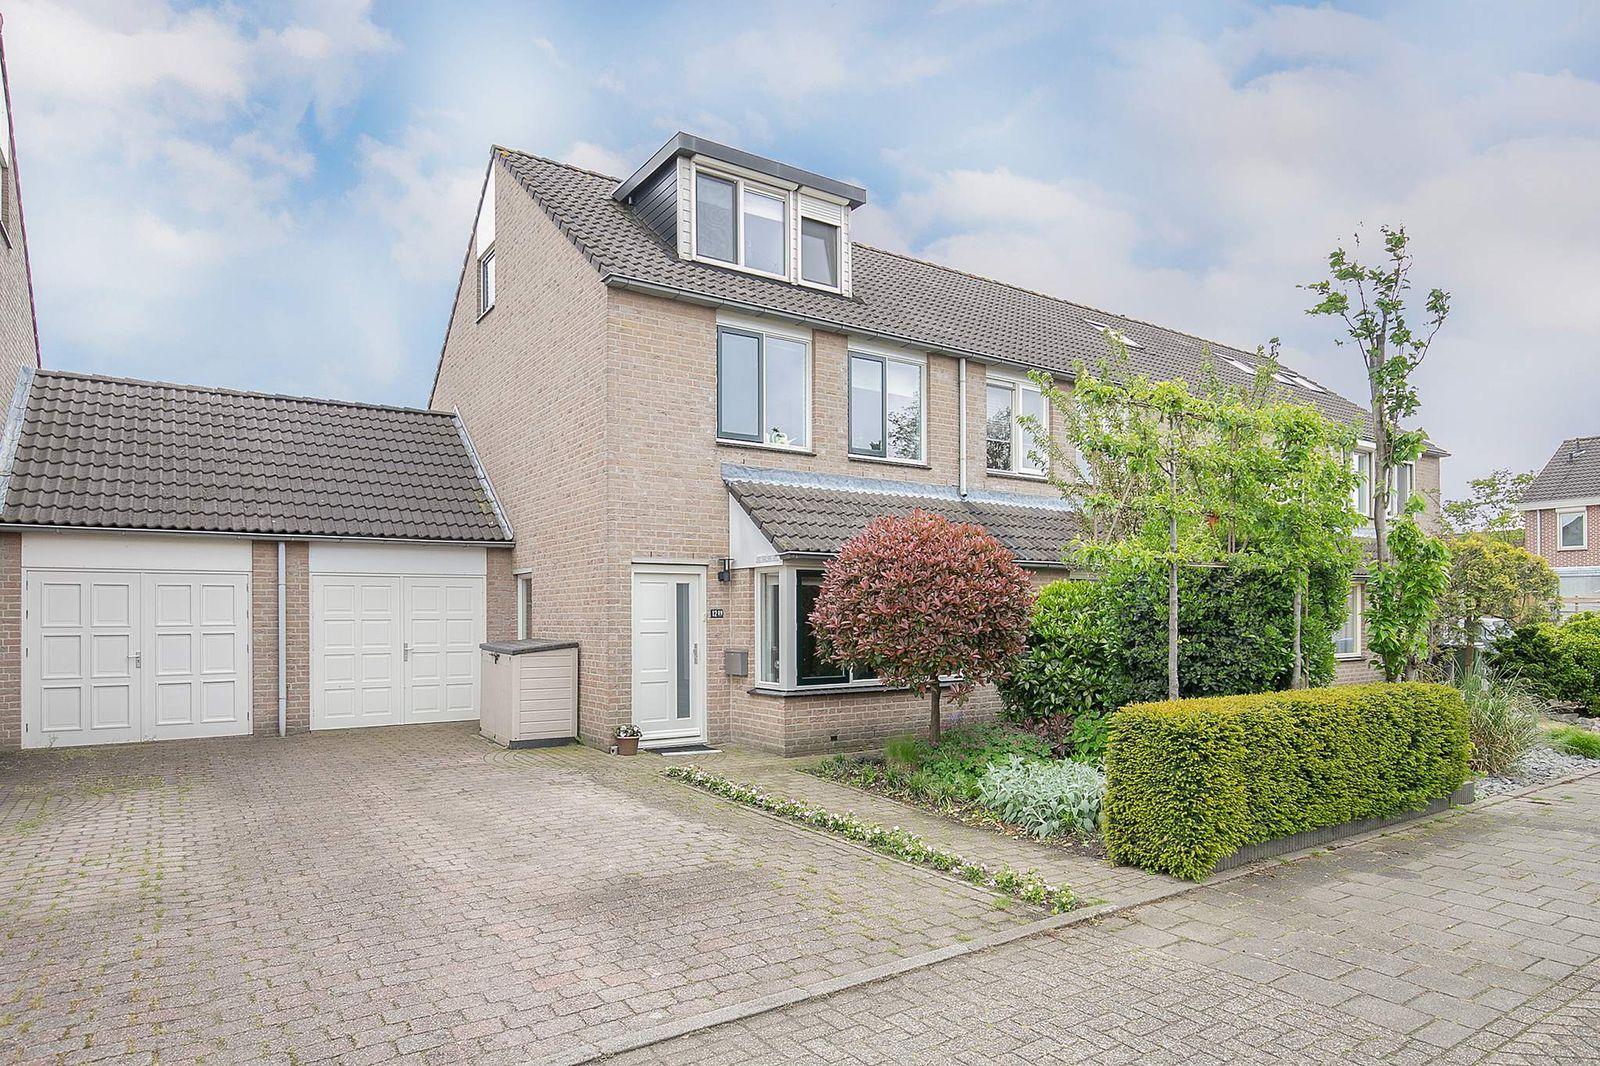 Drieskensacker 1209, Nijmegen